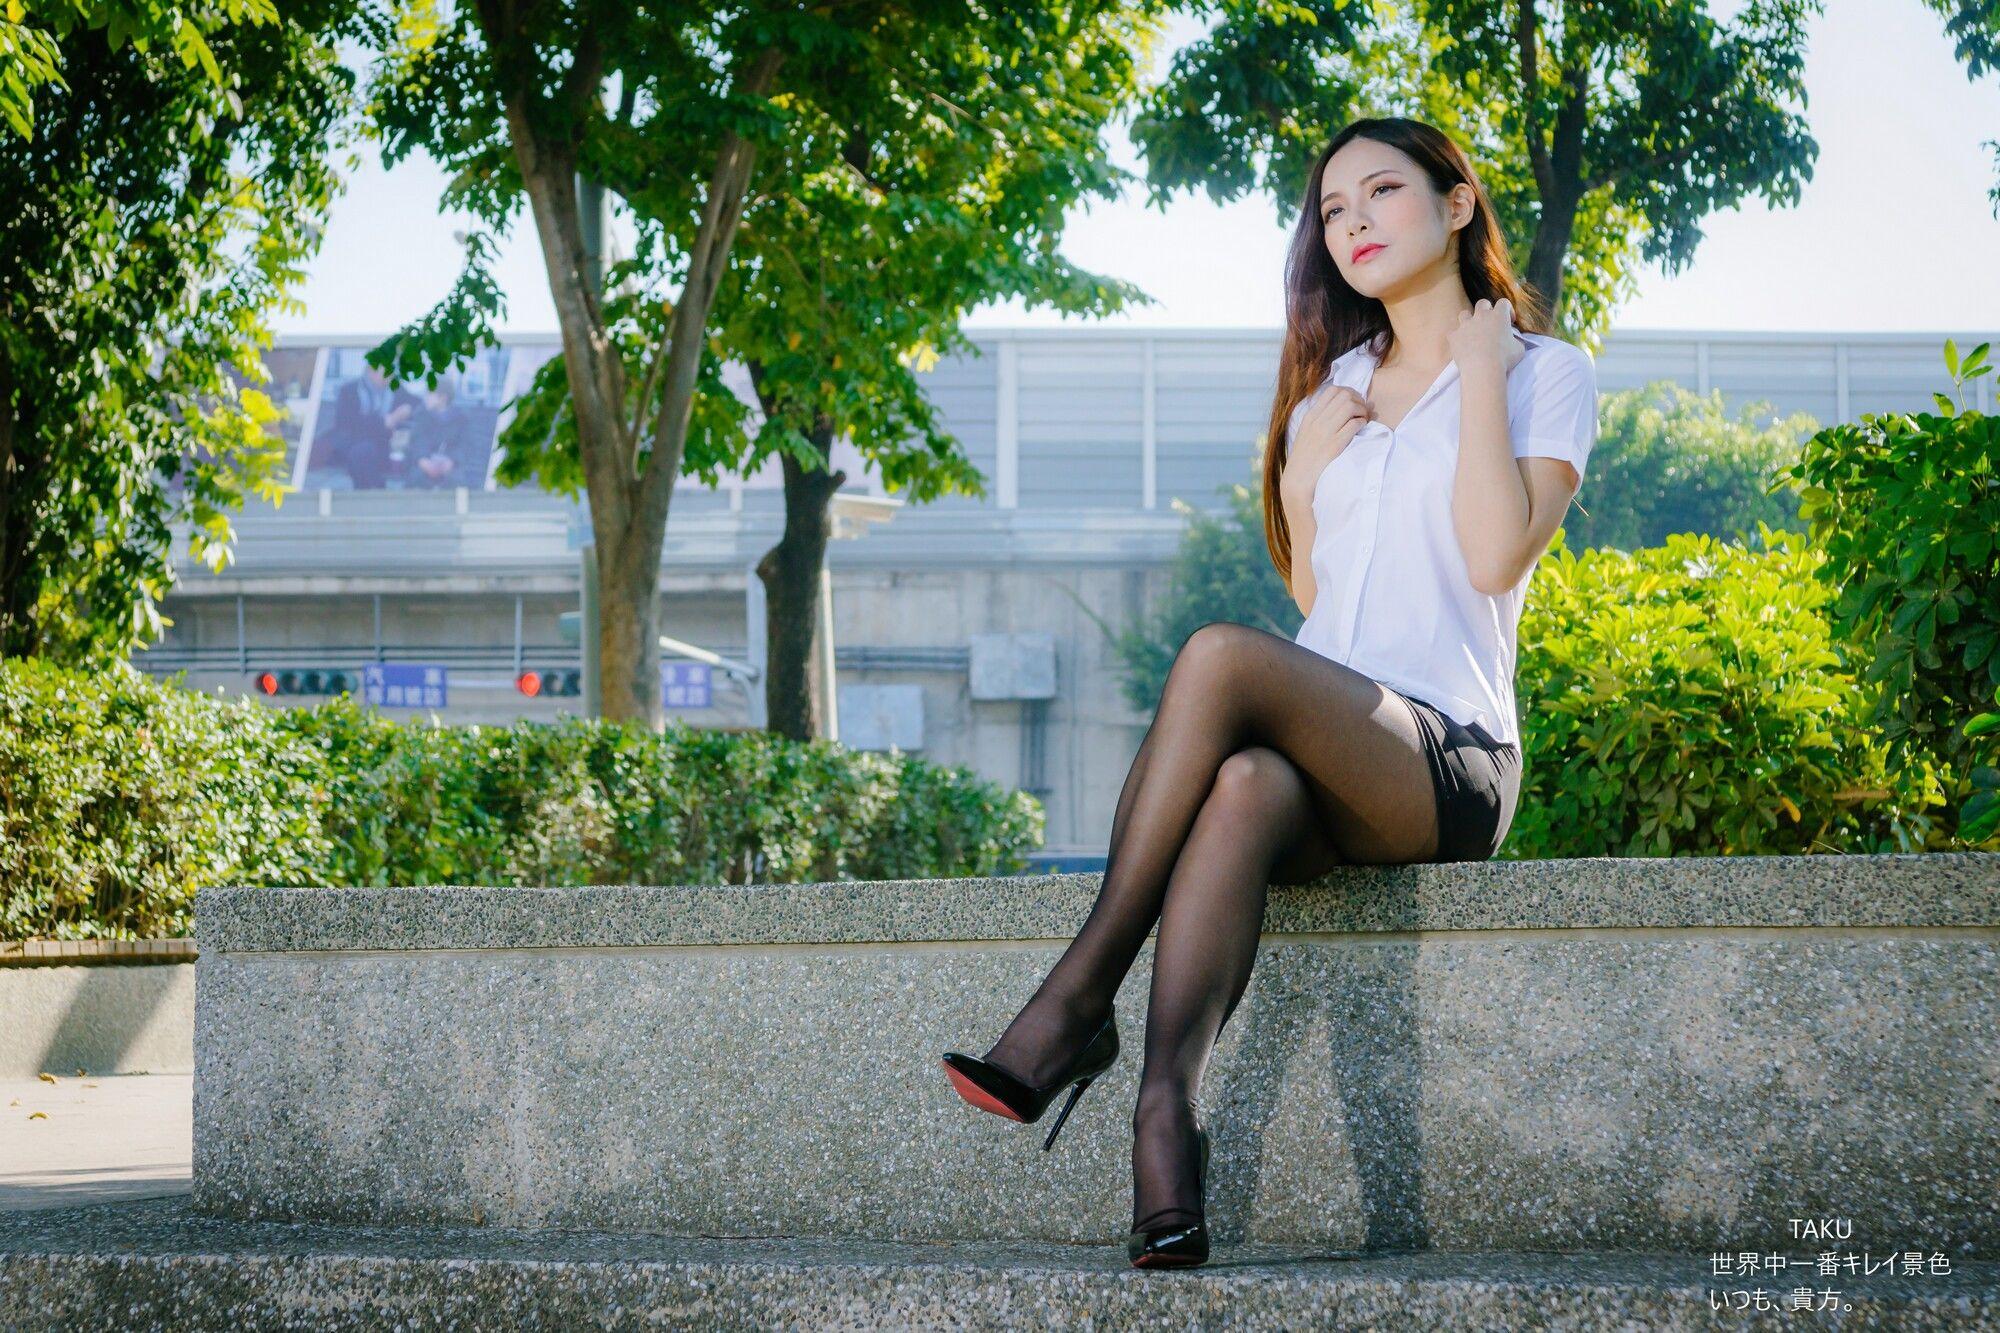 VOL.488 [台湾正妹]丝袜美腿黑丝OL美女街拍美臀:黄书庭(黃書庭Vivibabier)超高清个人性感漂亮大图(48P)